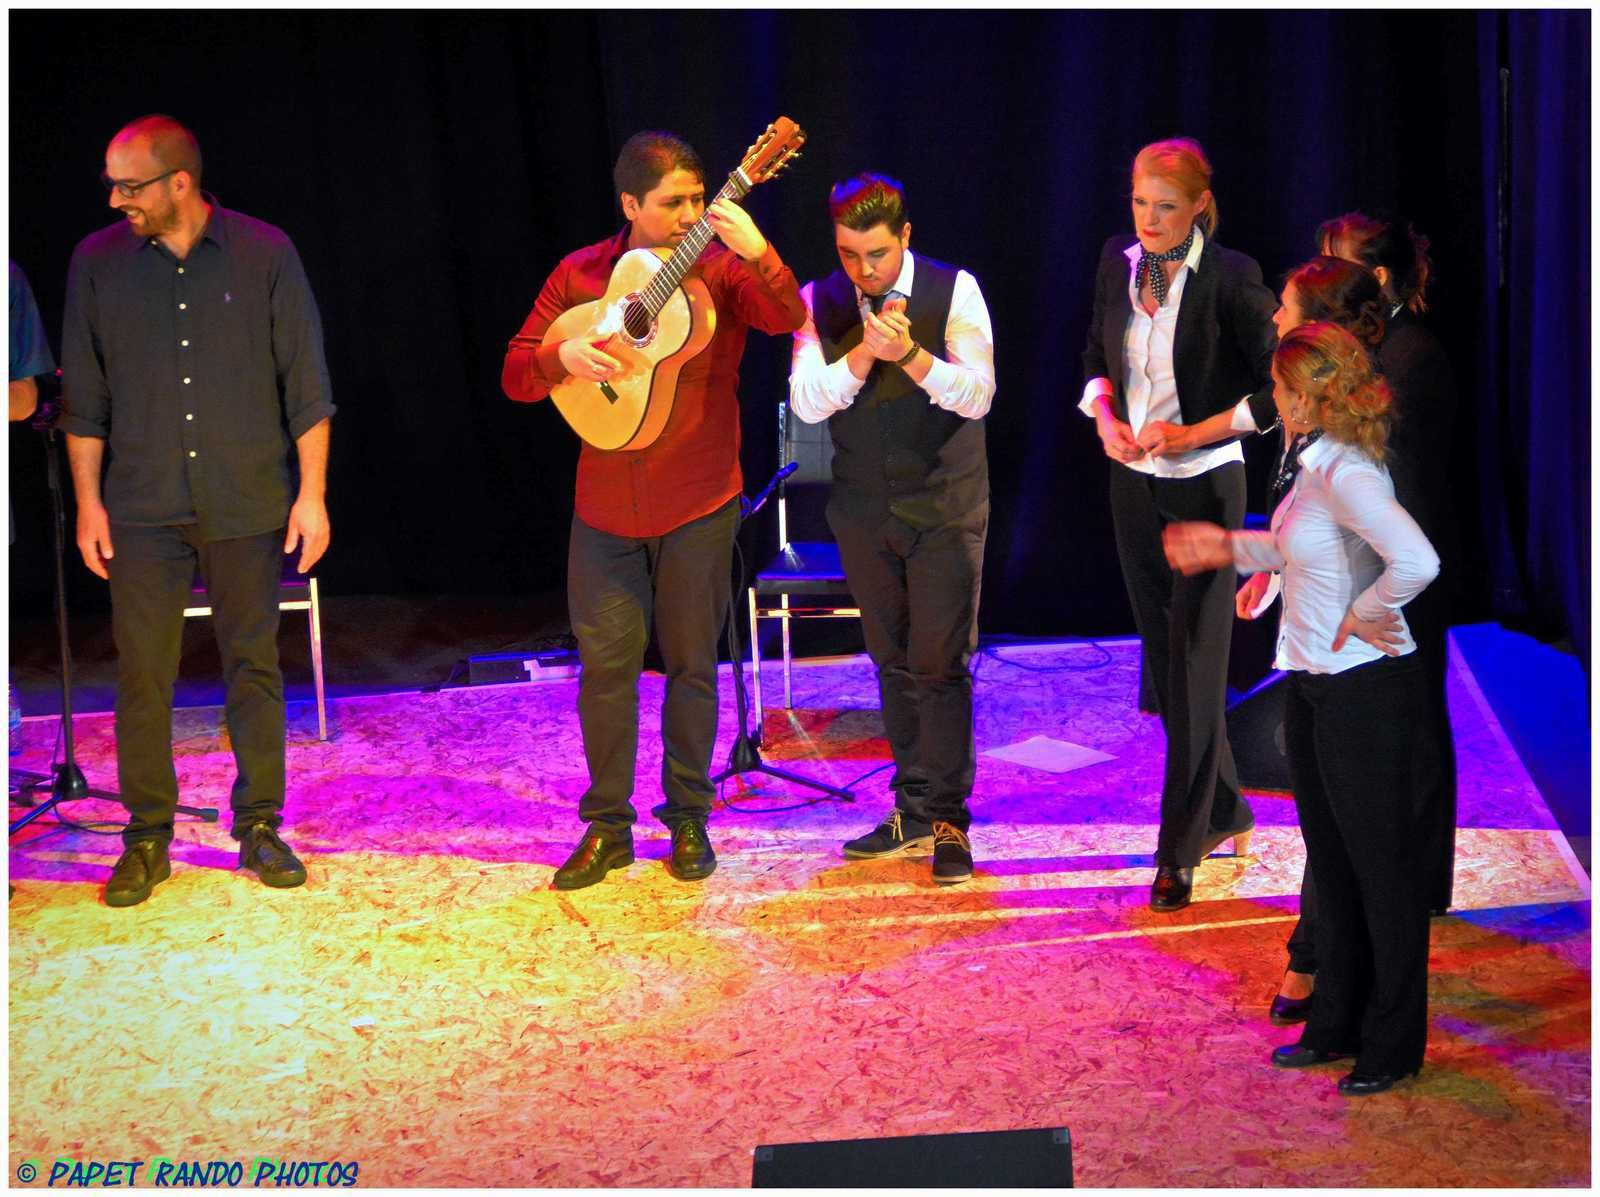 Du vrai Famenco,  ( groupe de Marcinelle) vu le Flamenco dans de nombreux pays  juste un mot MERCI pour la belle soirée)